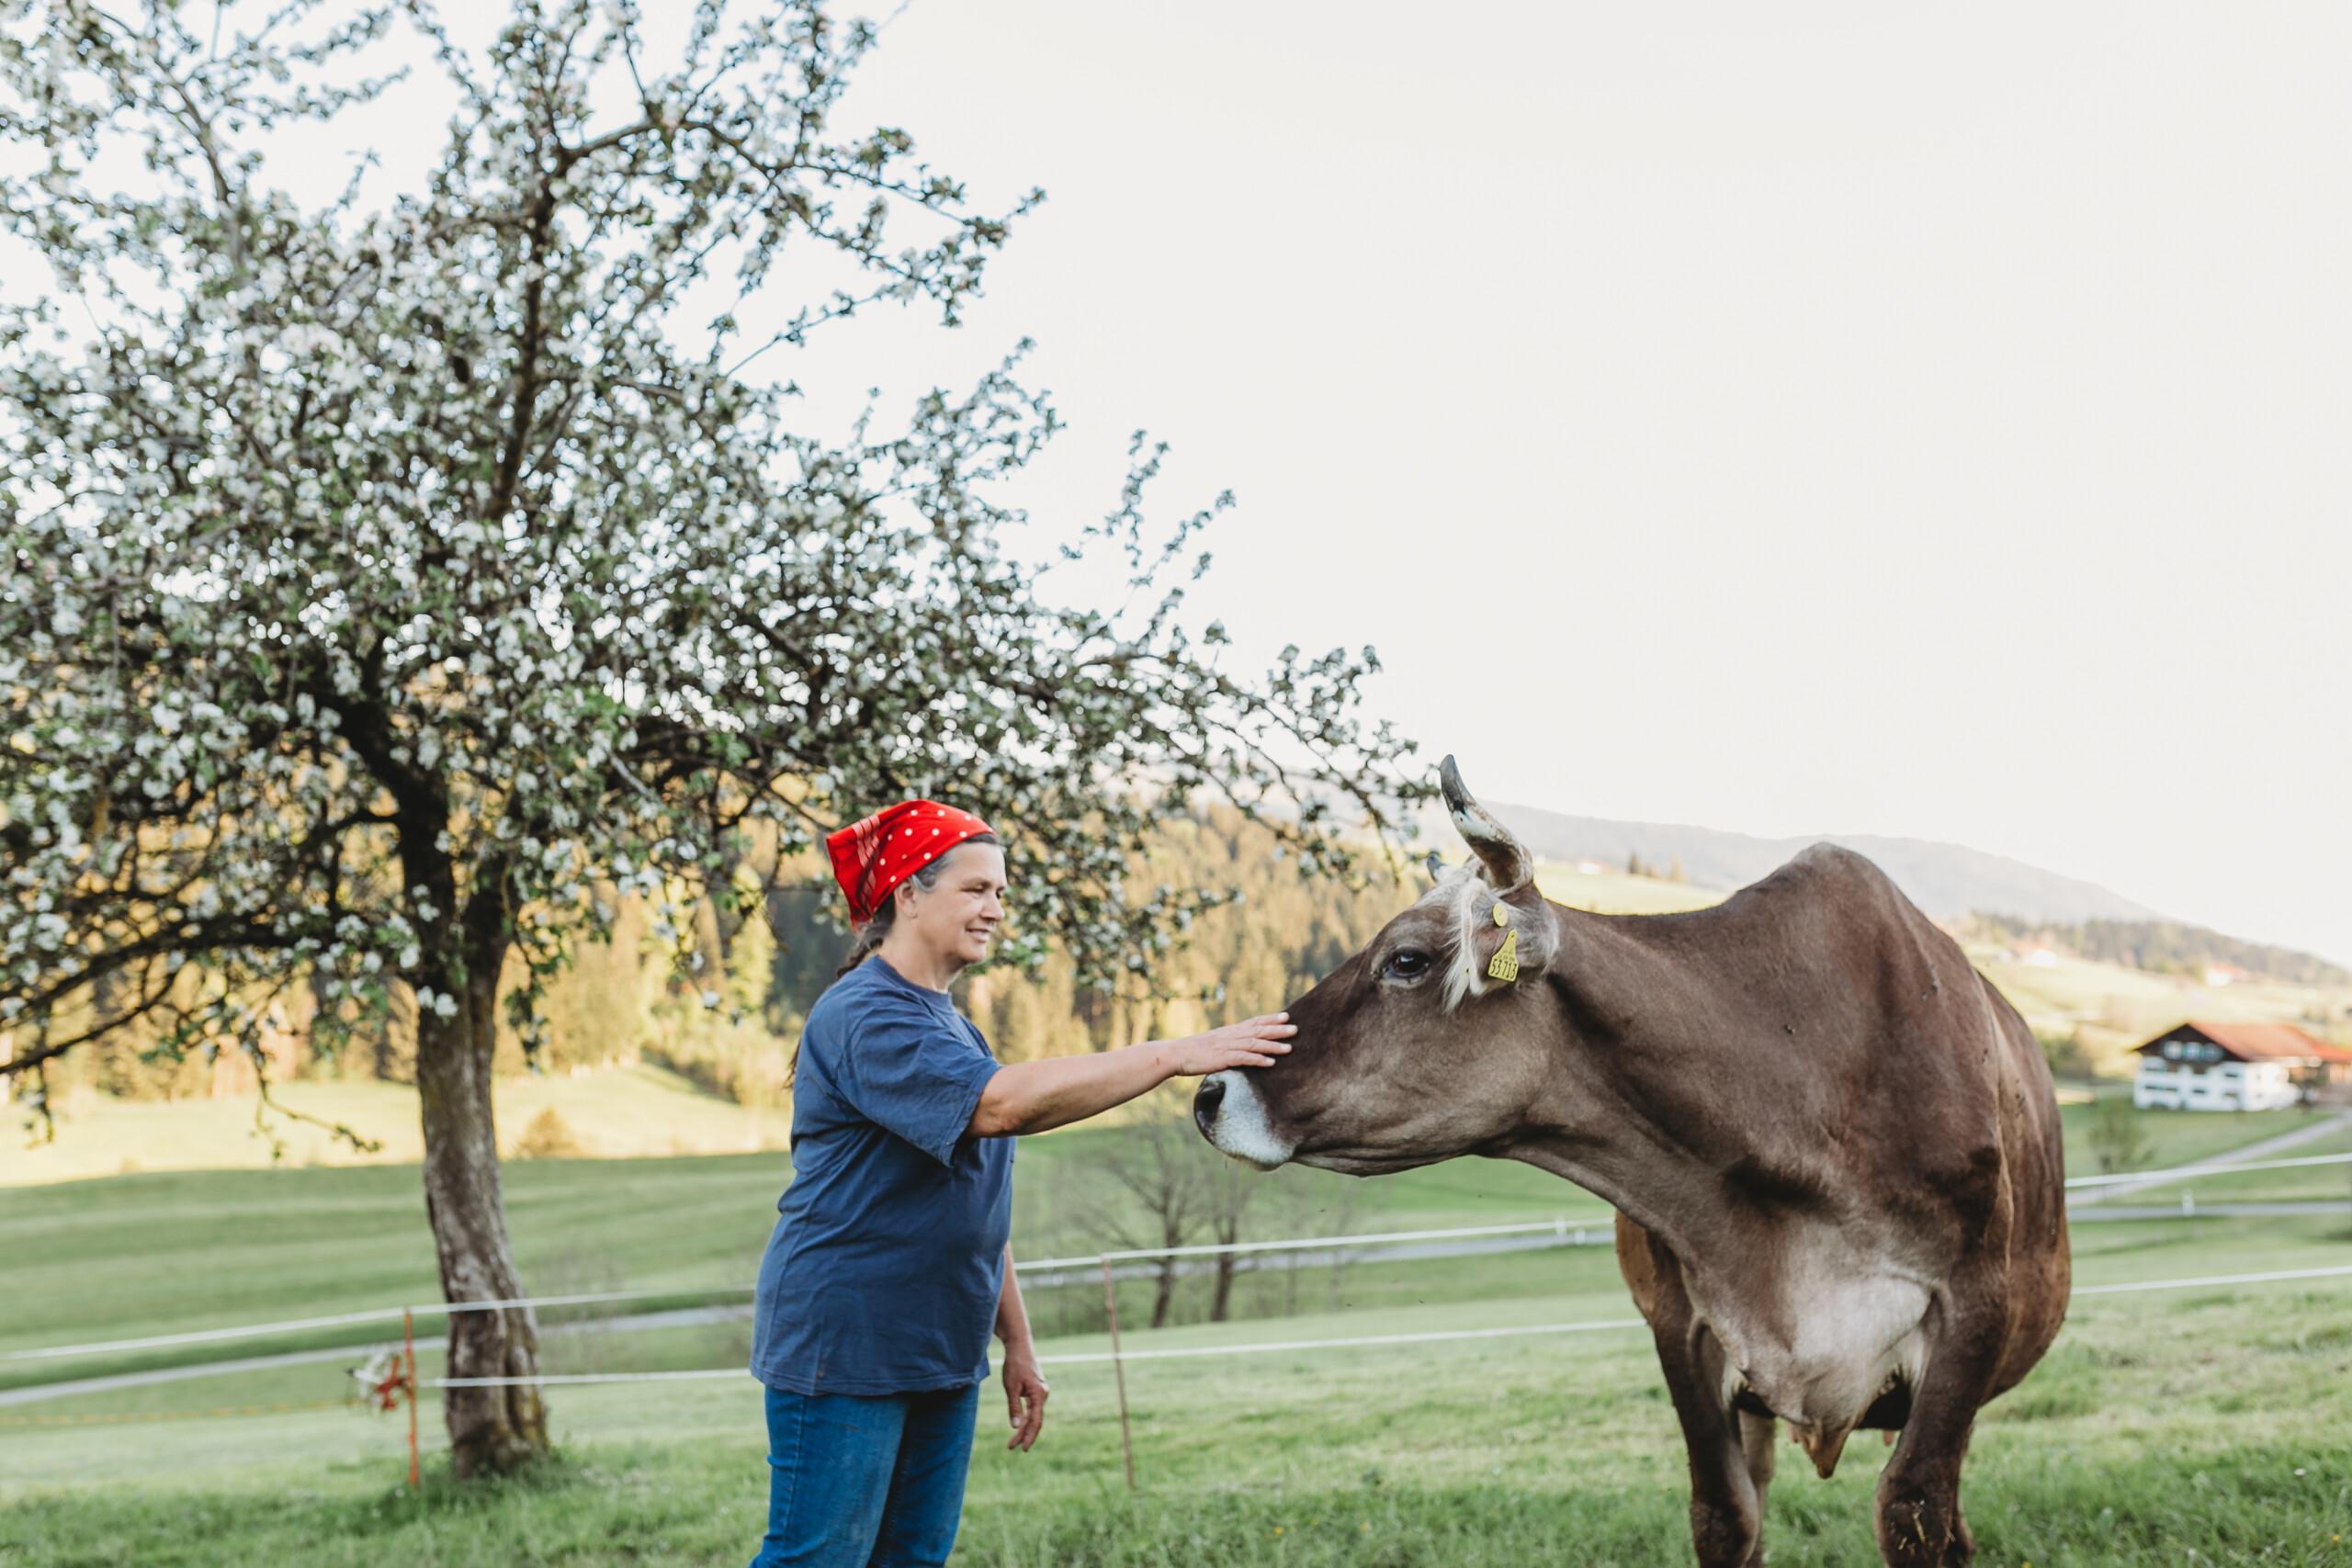 man-cow-tree-field